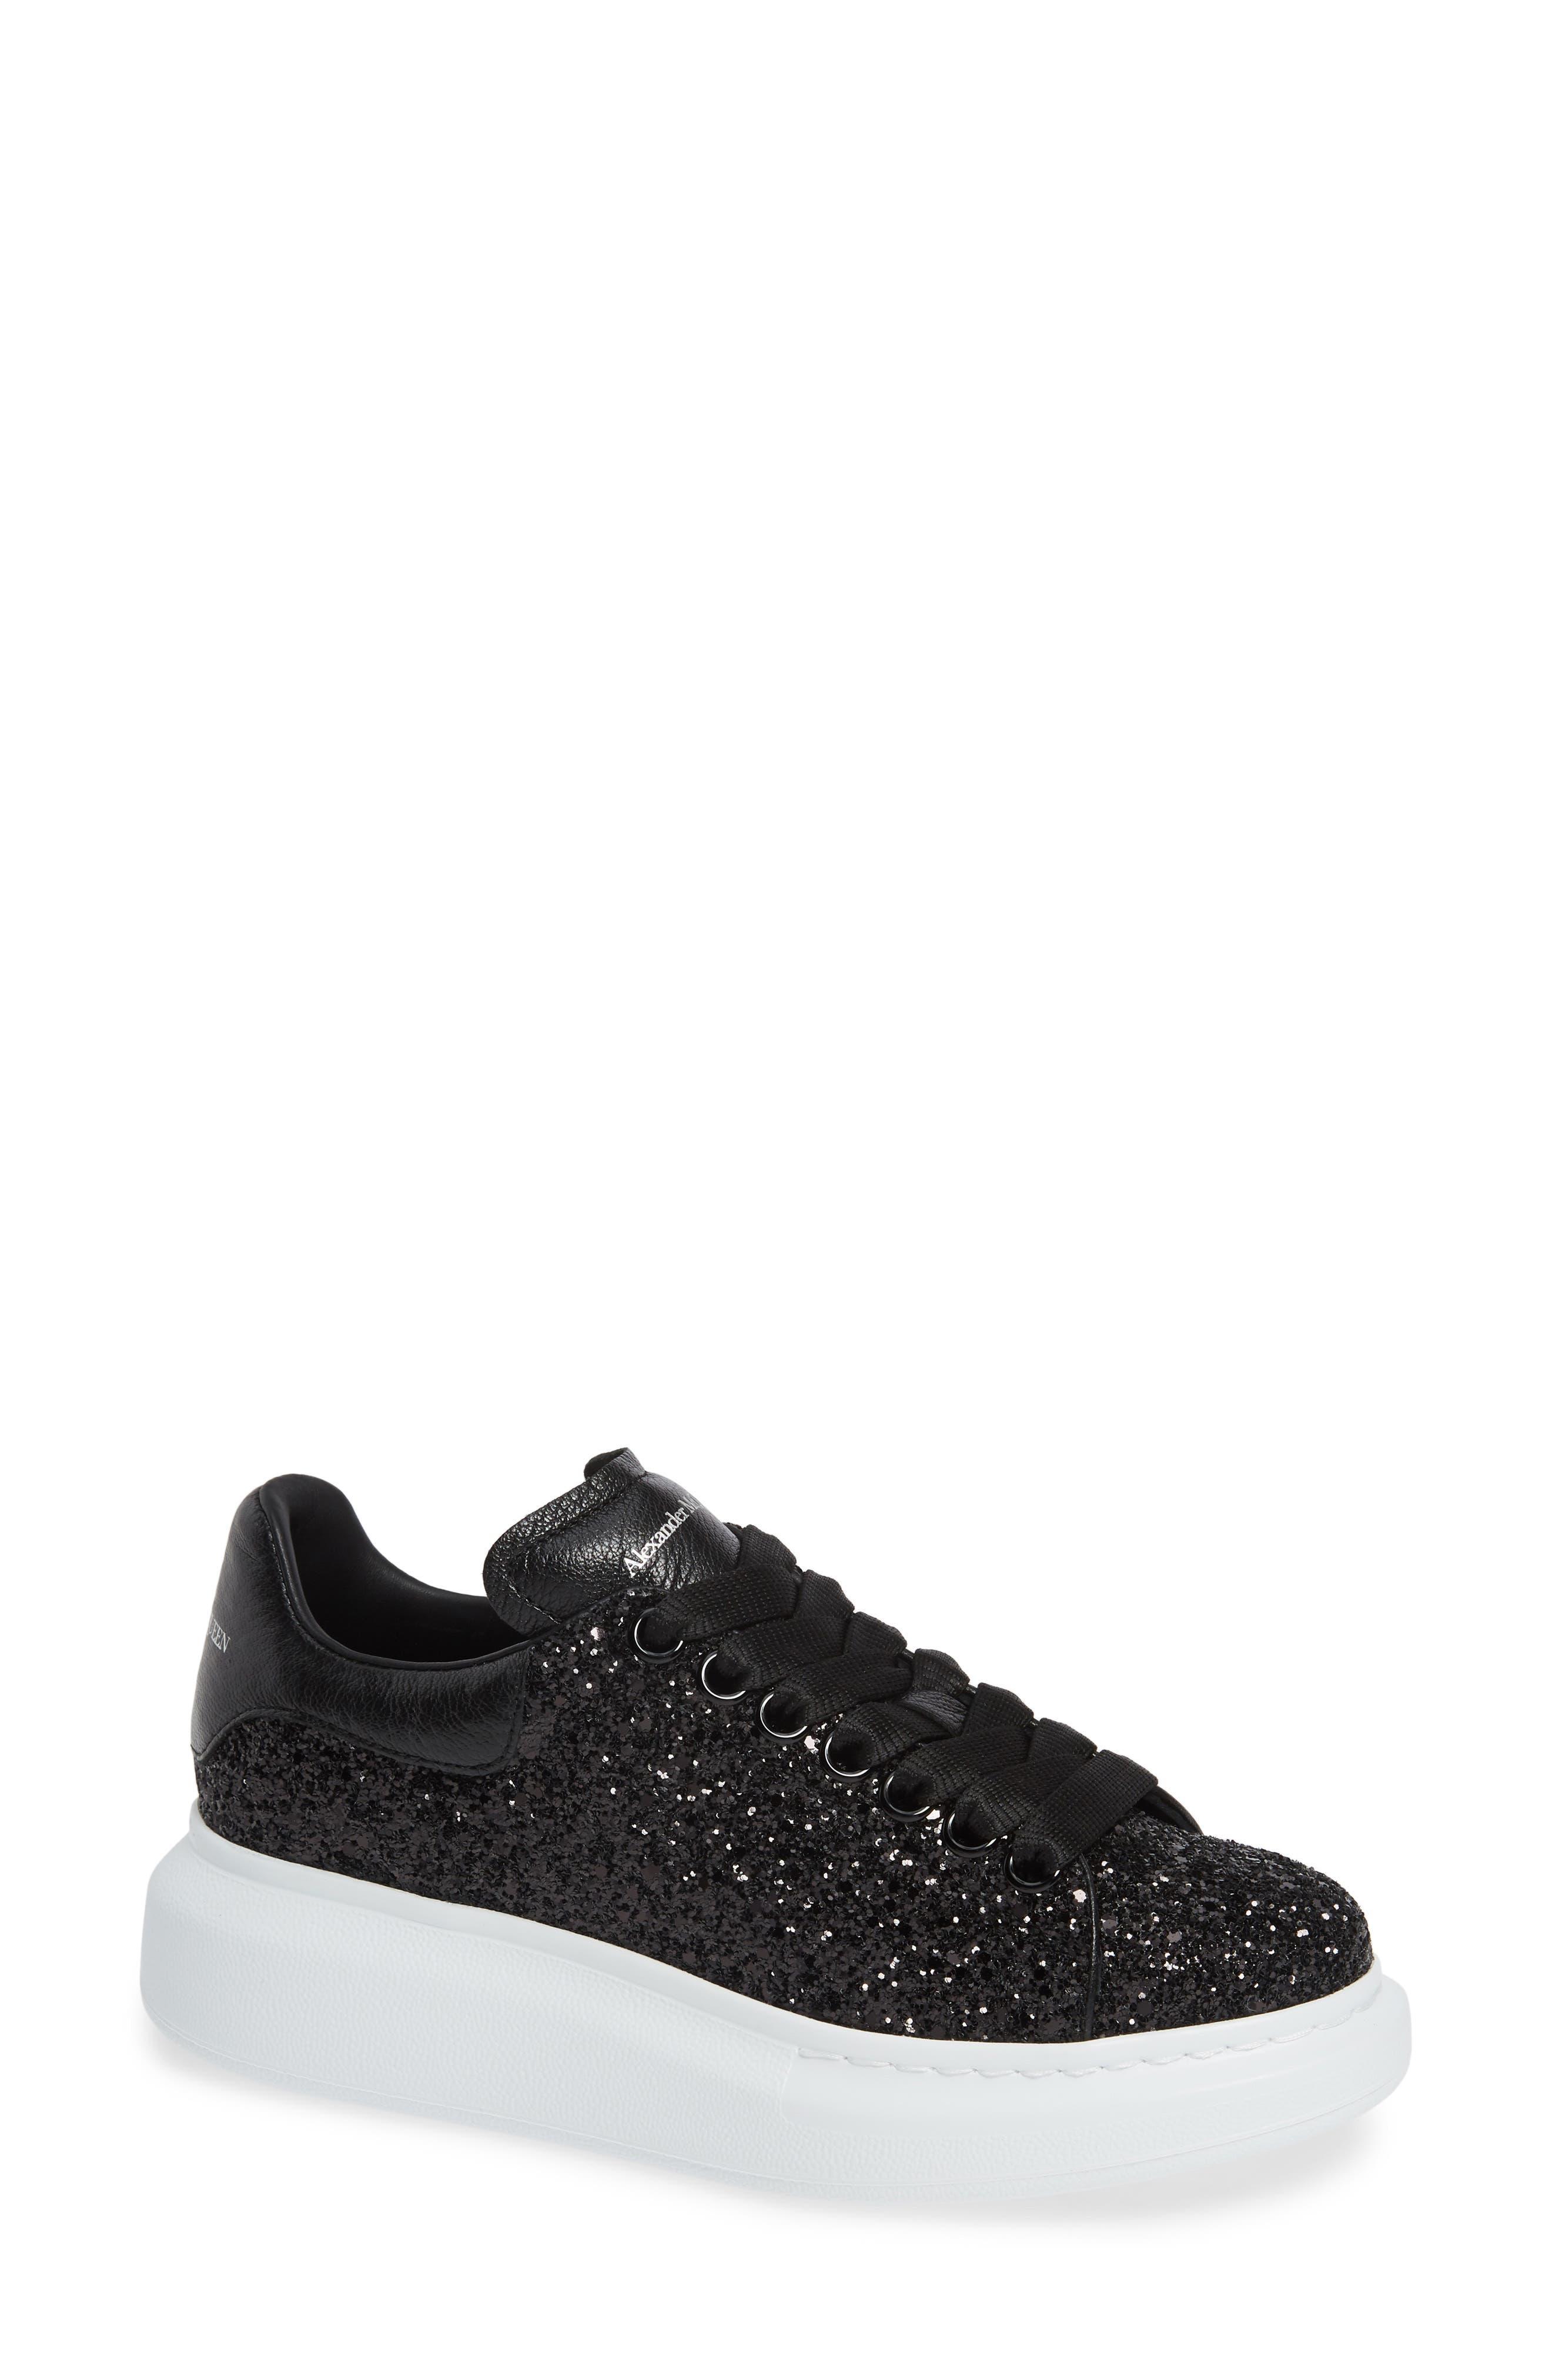 Alexander Mcqueen Sneaker, Black